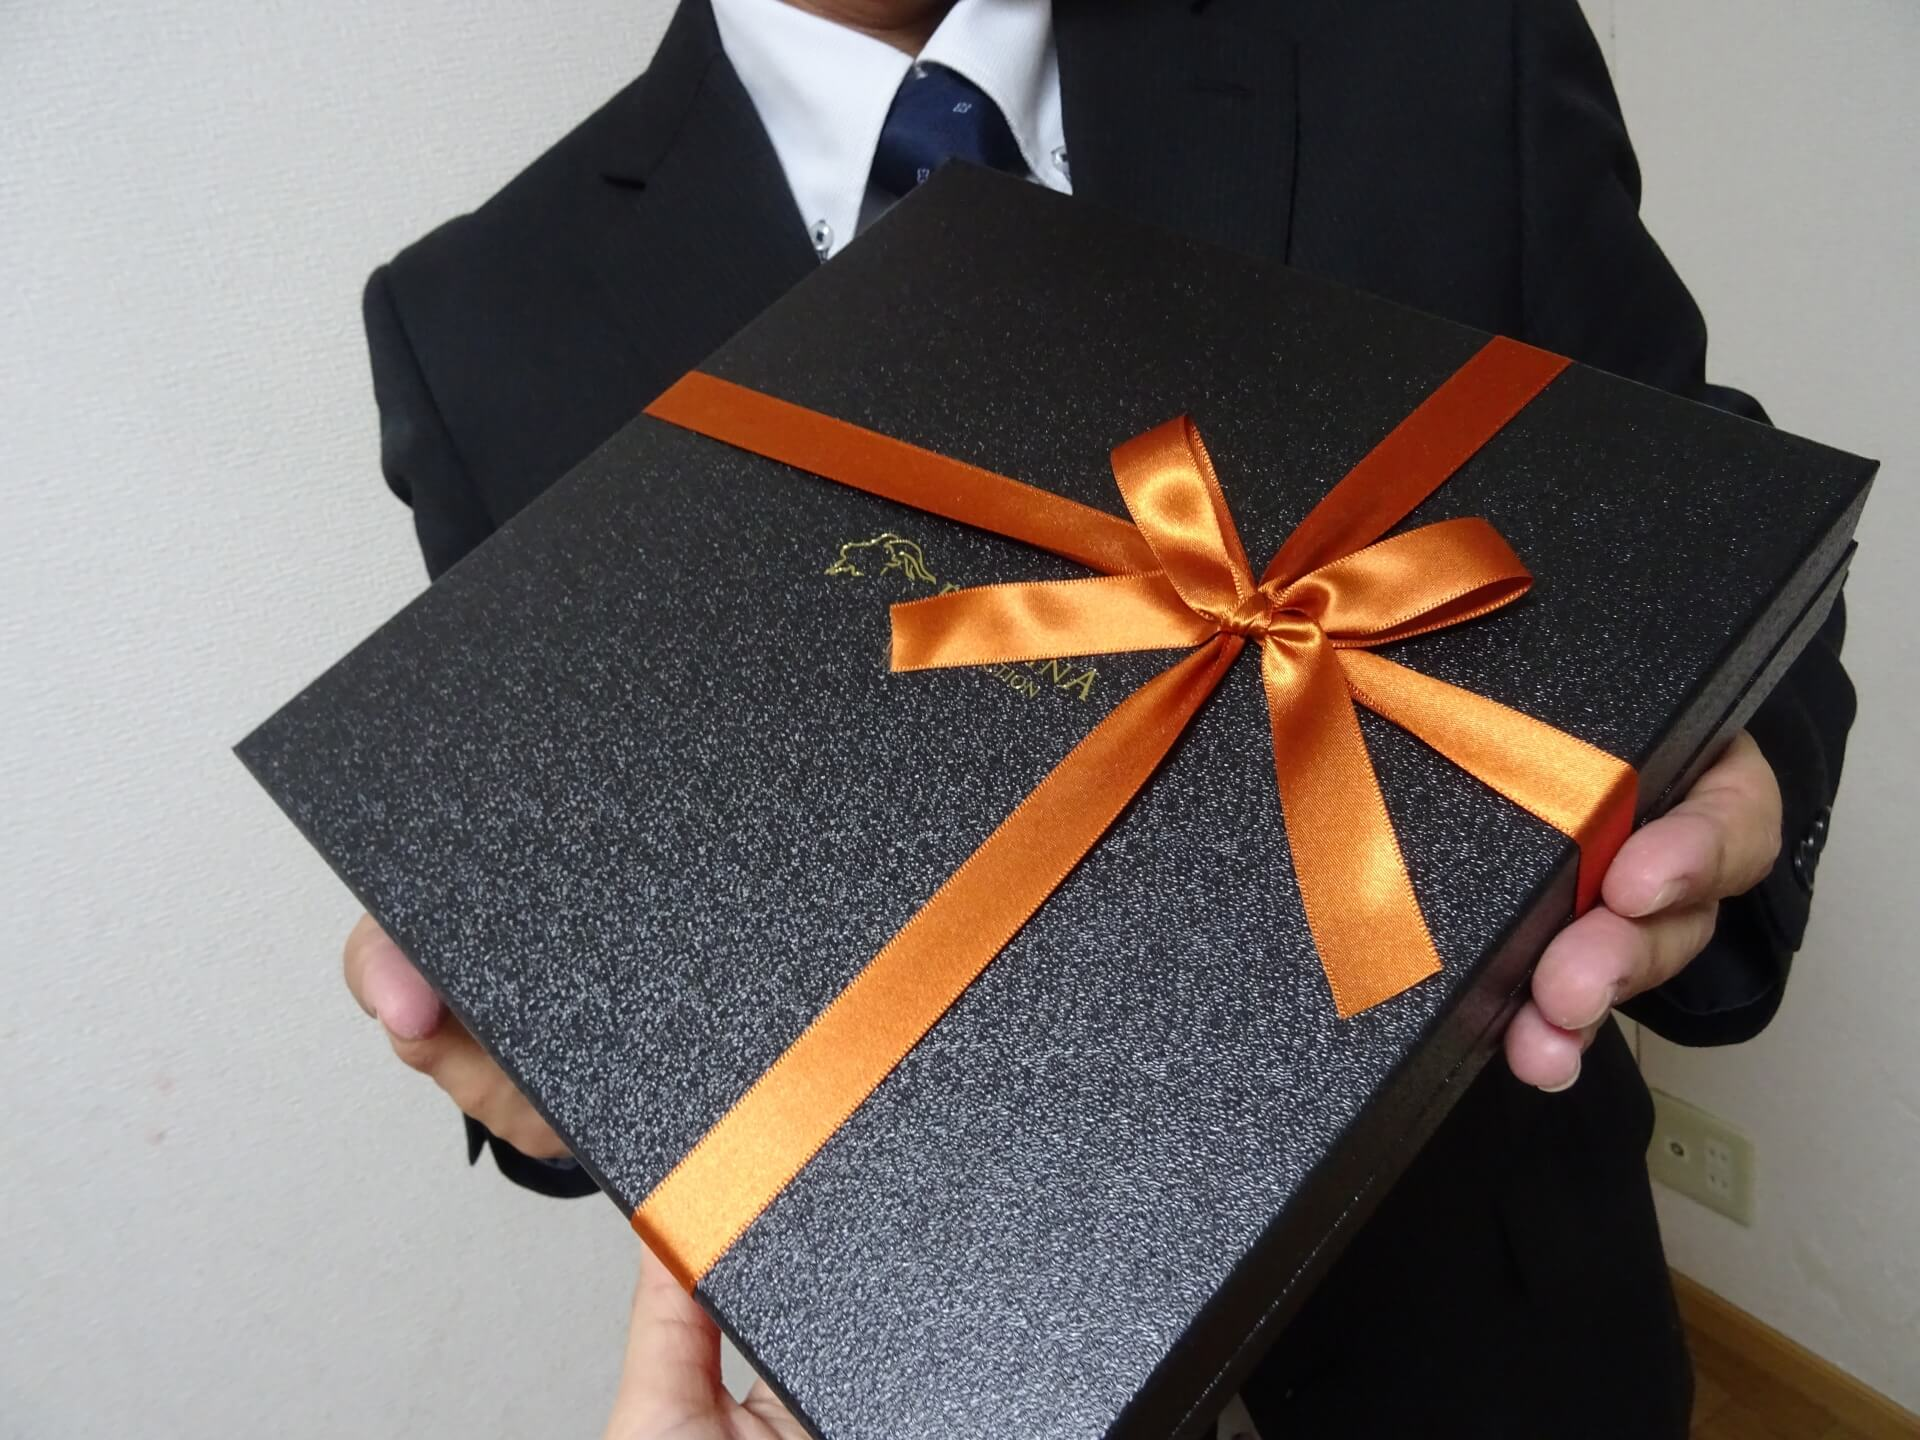 海外赴任する同僚に送迎会で贈りたいプレゼントランキング〜英語圏赴任者向け〜